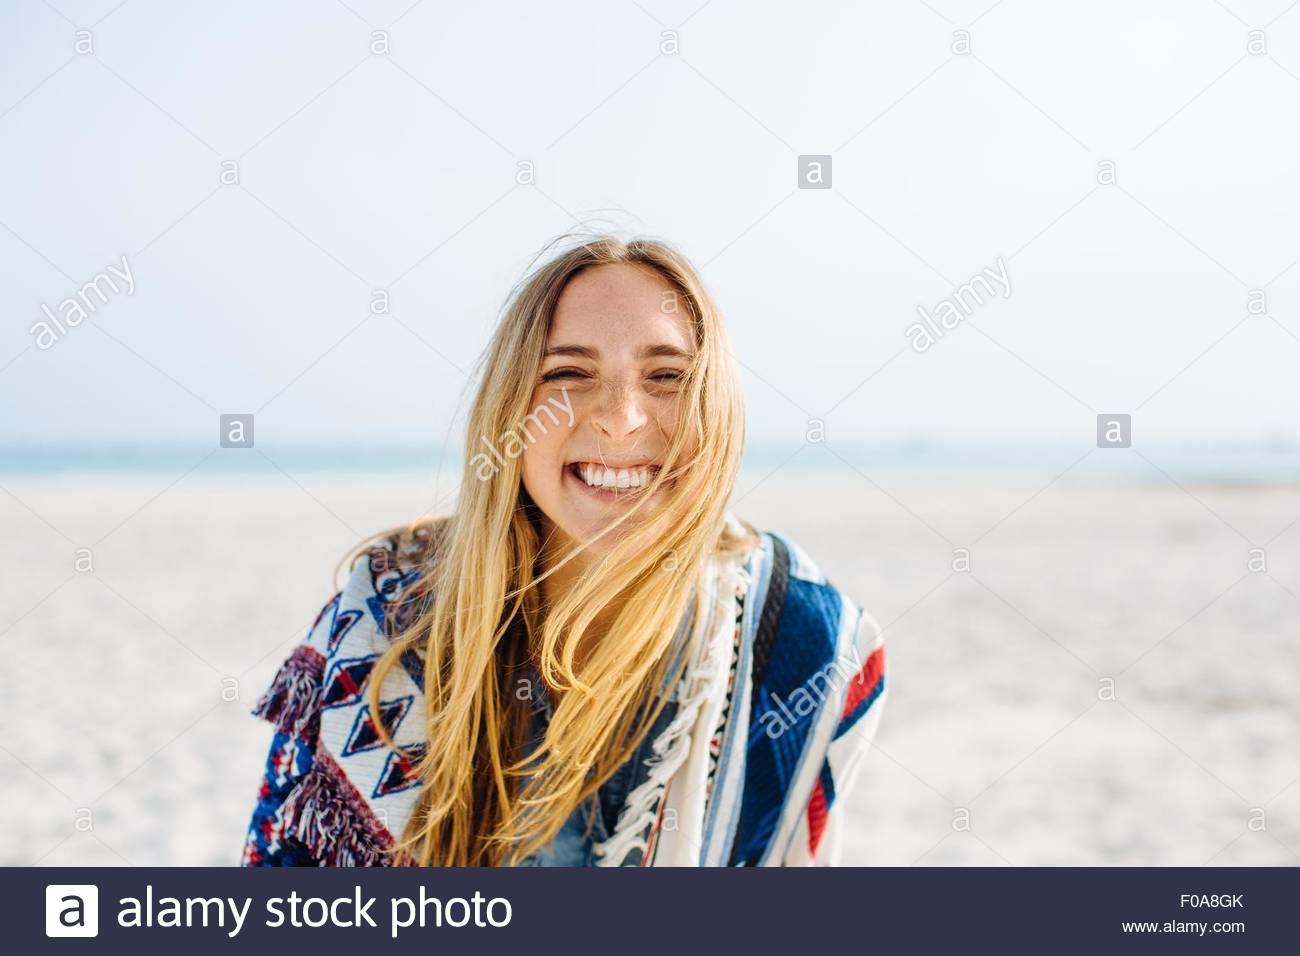 Ritratto di giovane donna avvolta in una coperta facendo Smiley face sulla spiaggia Immagini Stock